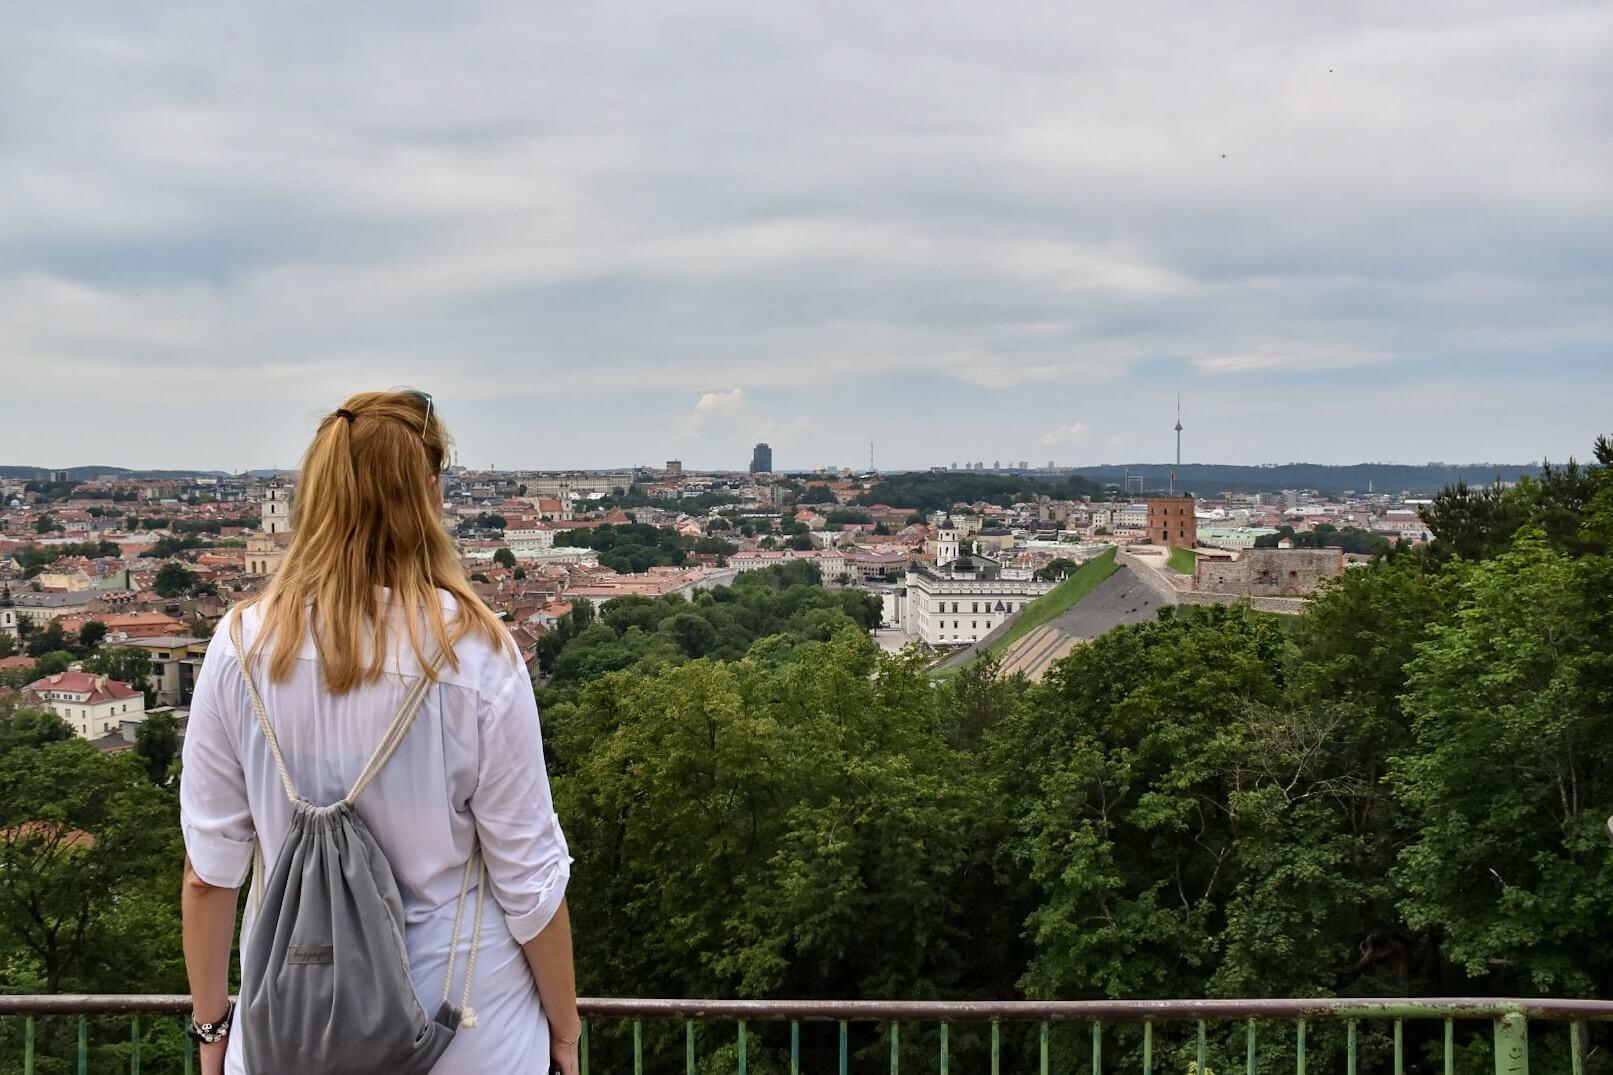 Dziewczyna podziwia panoramę Wilna.